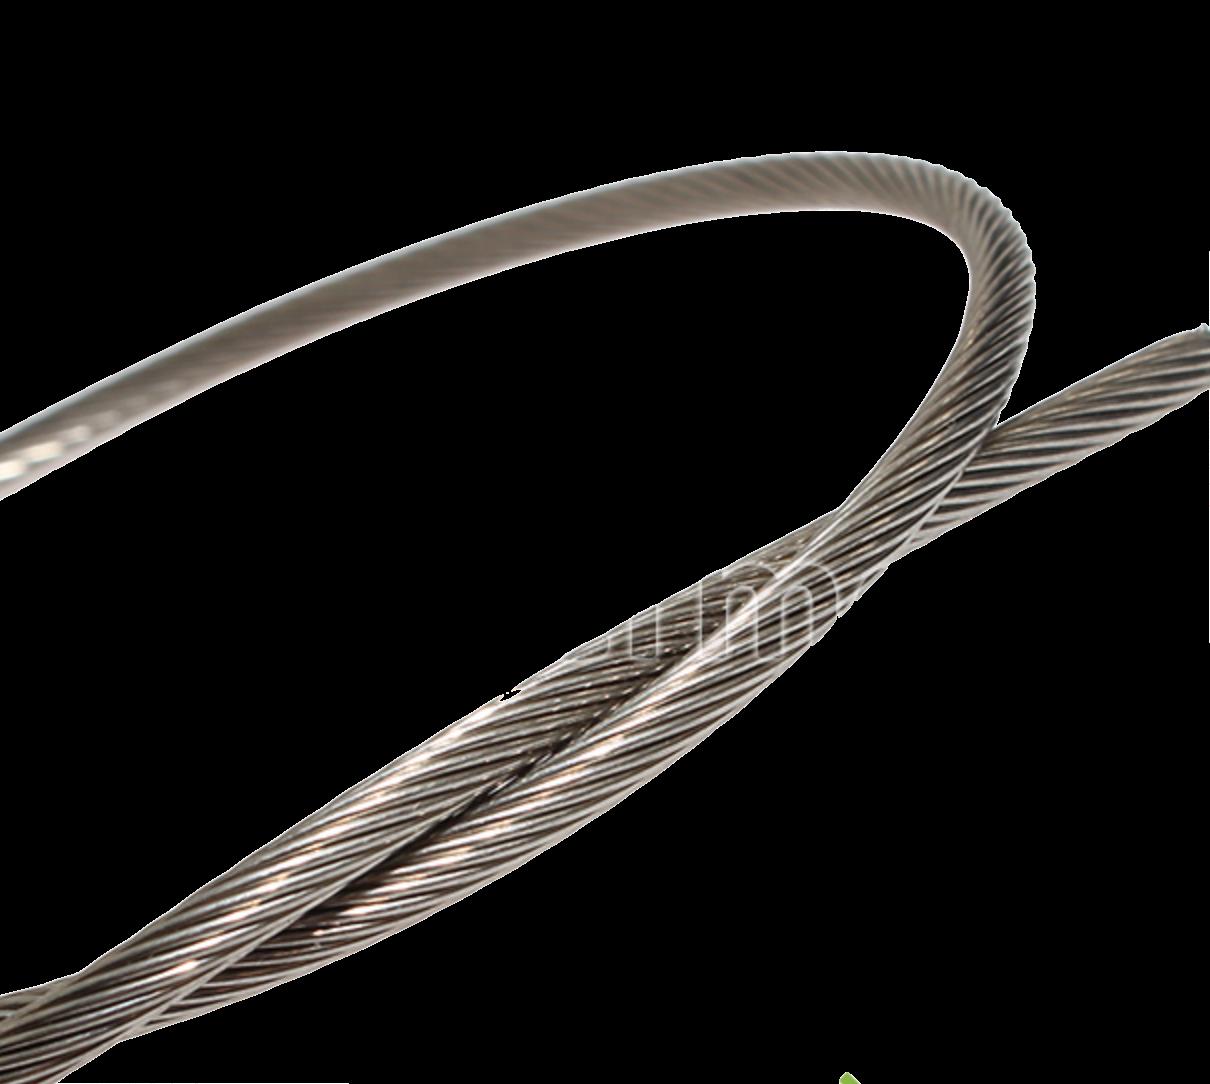 Трос нержавеющий для линии поения Ø 3 мм